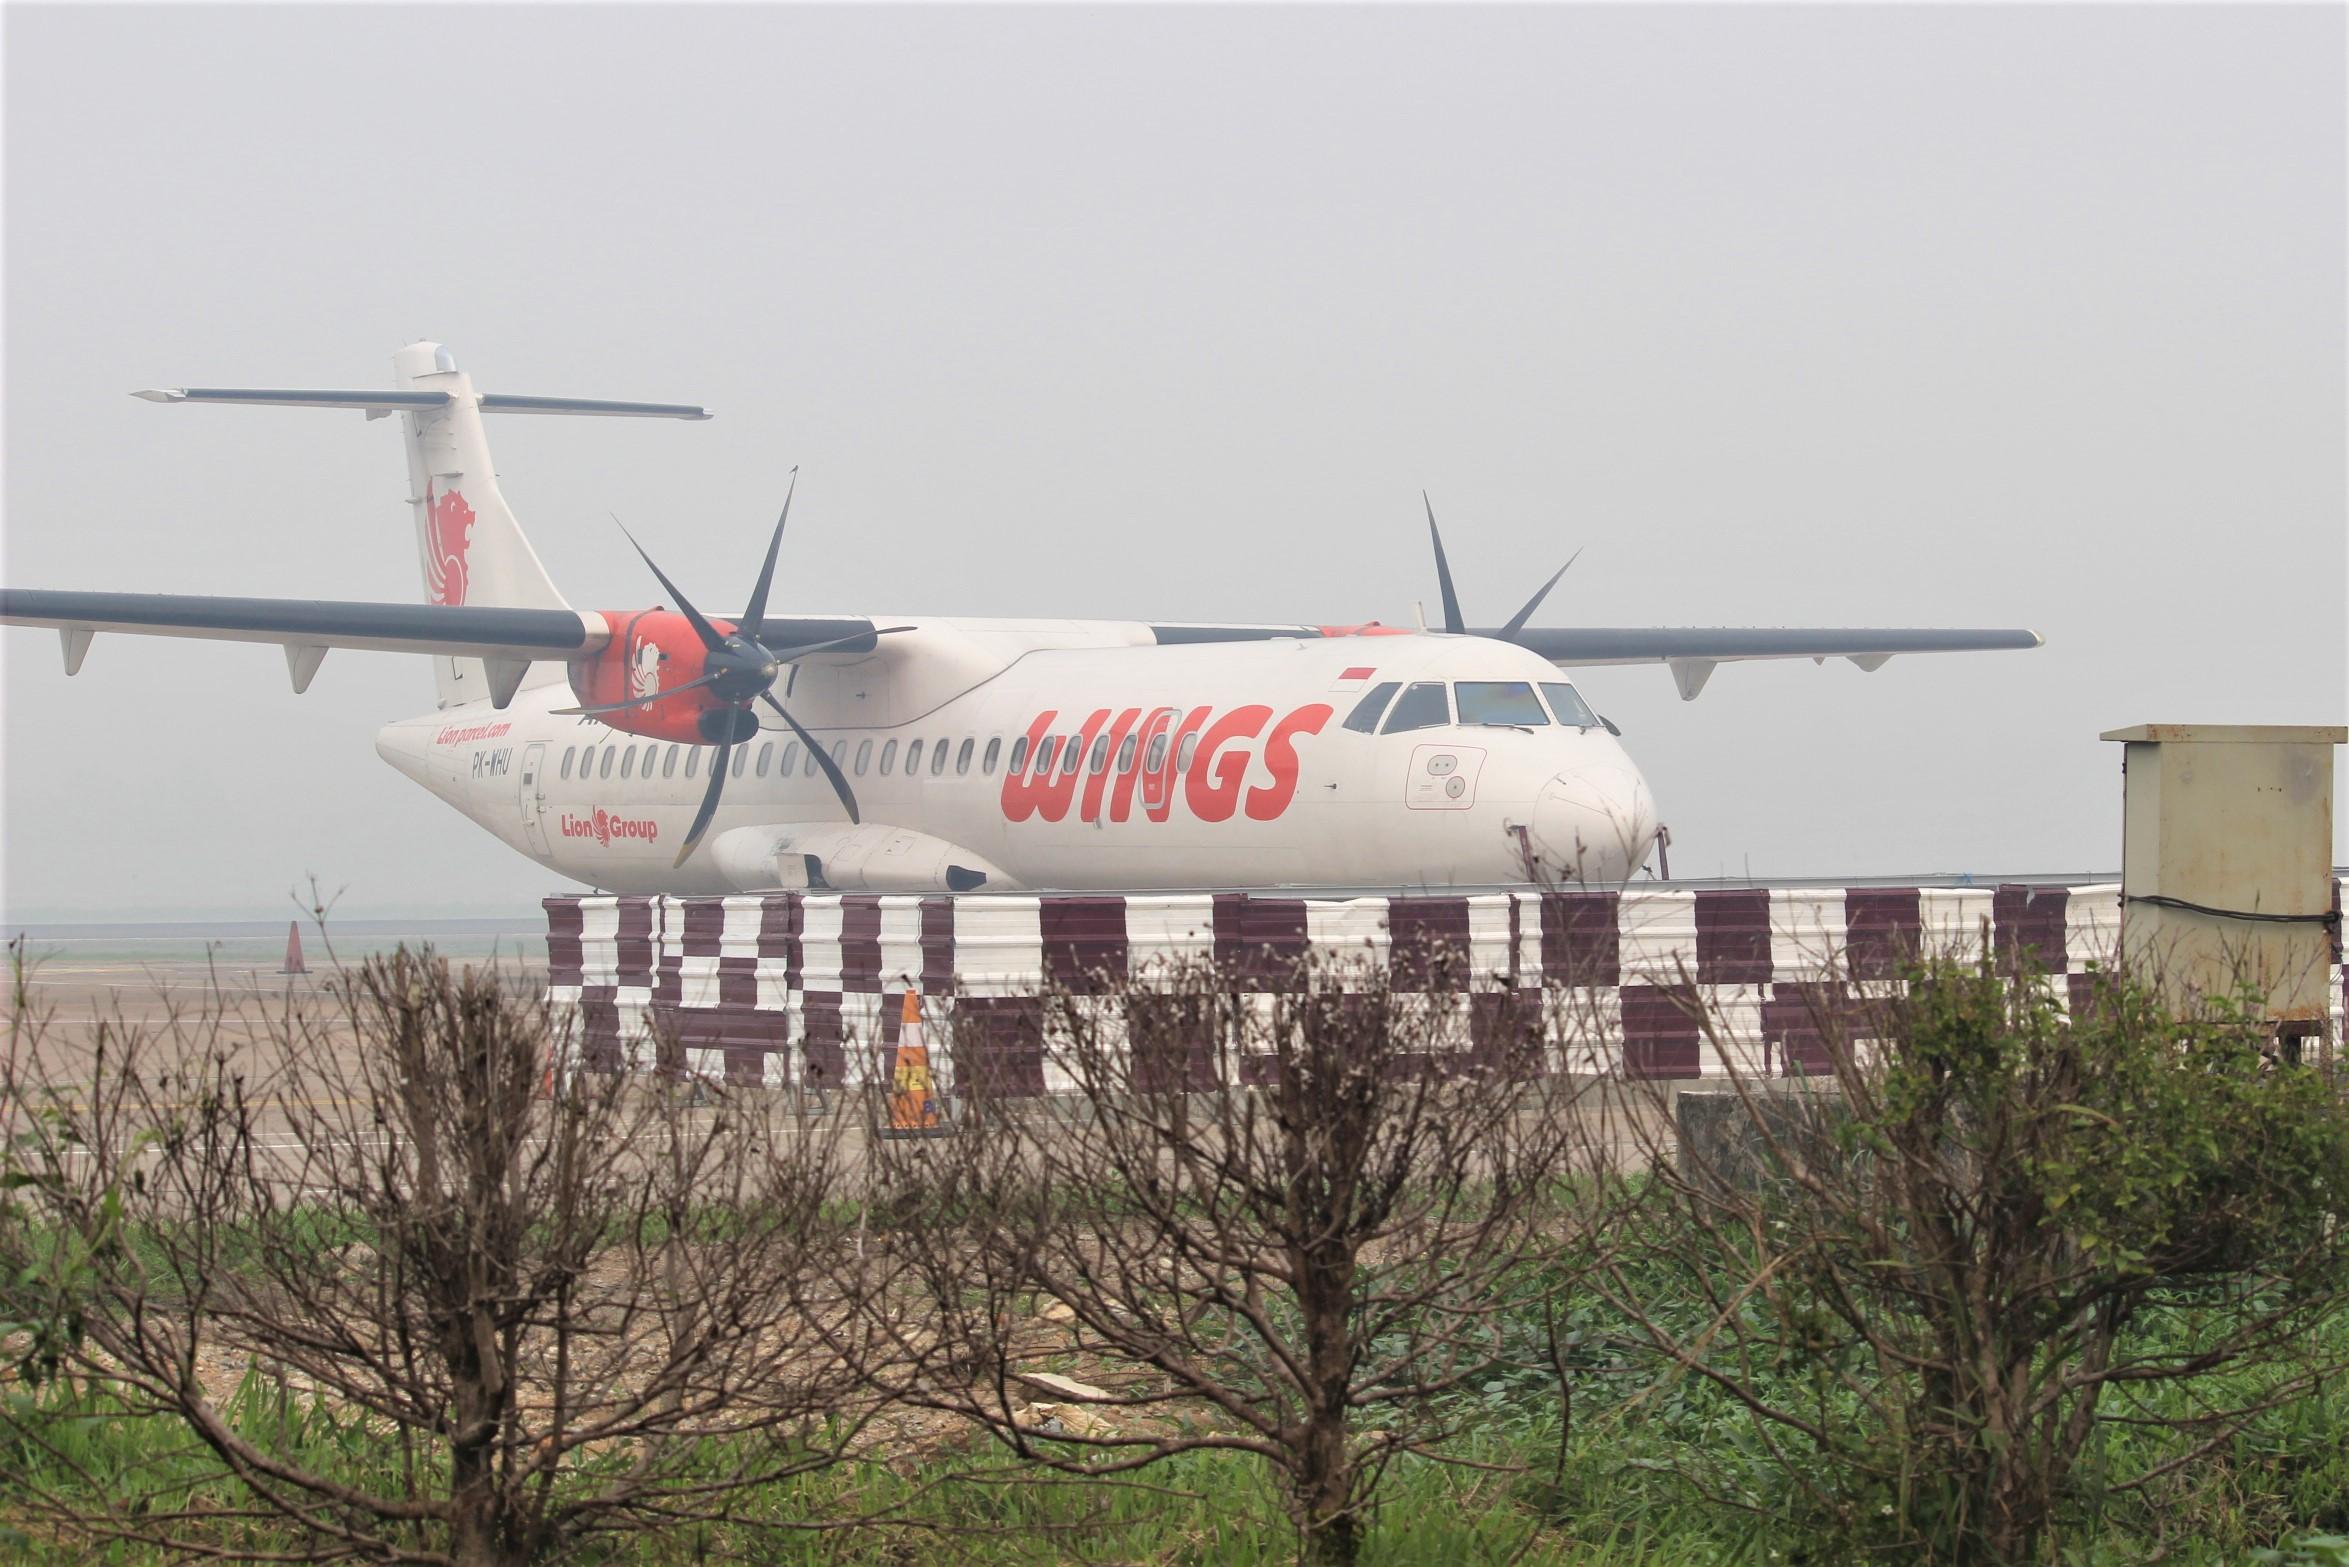 Aktivitas penerbangan terkena dampak paling besar akibat karhutla di Kalimantan Barat. Tercatat sejak Minggu dan Kamis hari ini, ada 150 penerbangan yang gagal mendarat di Bandara Internasional Kubu Raya (foto:das)